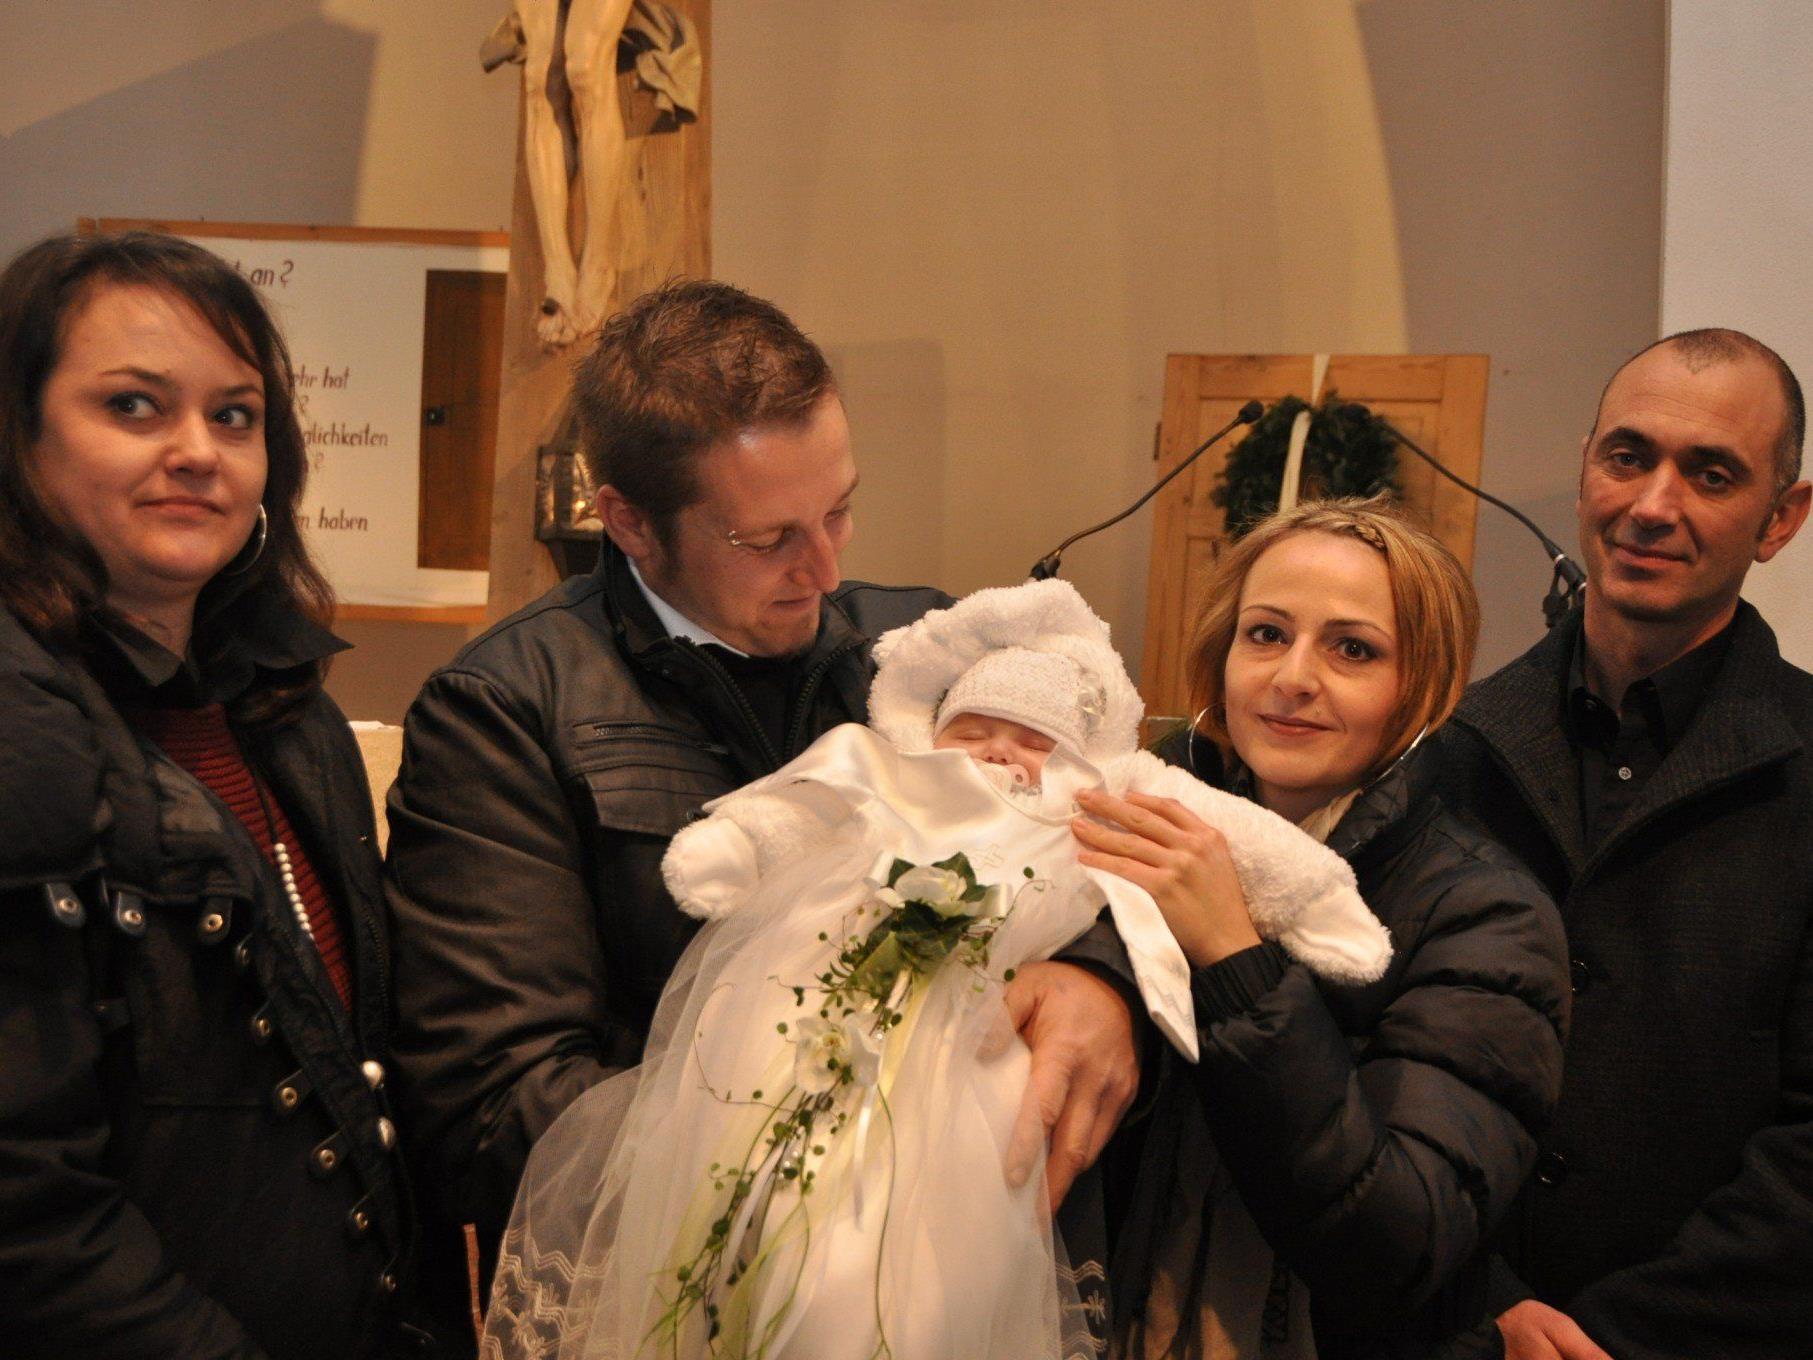 Taufe von Emilia Marie in Batschuns.